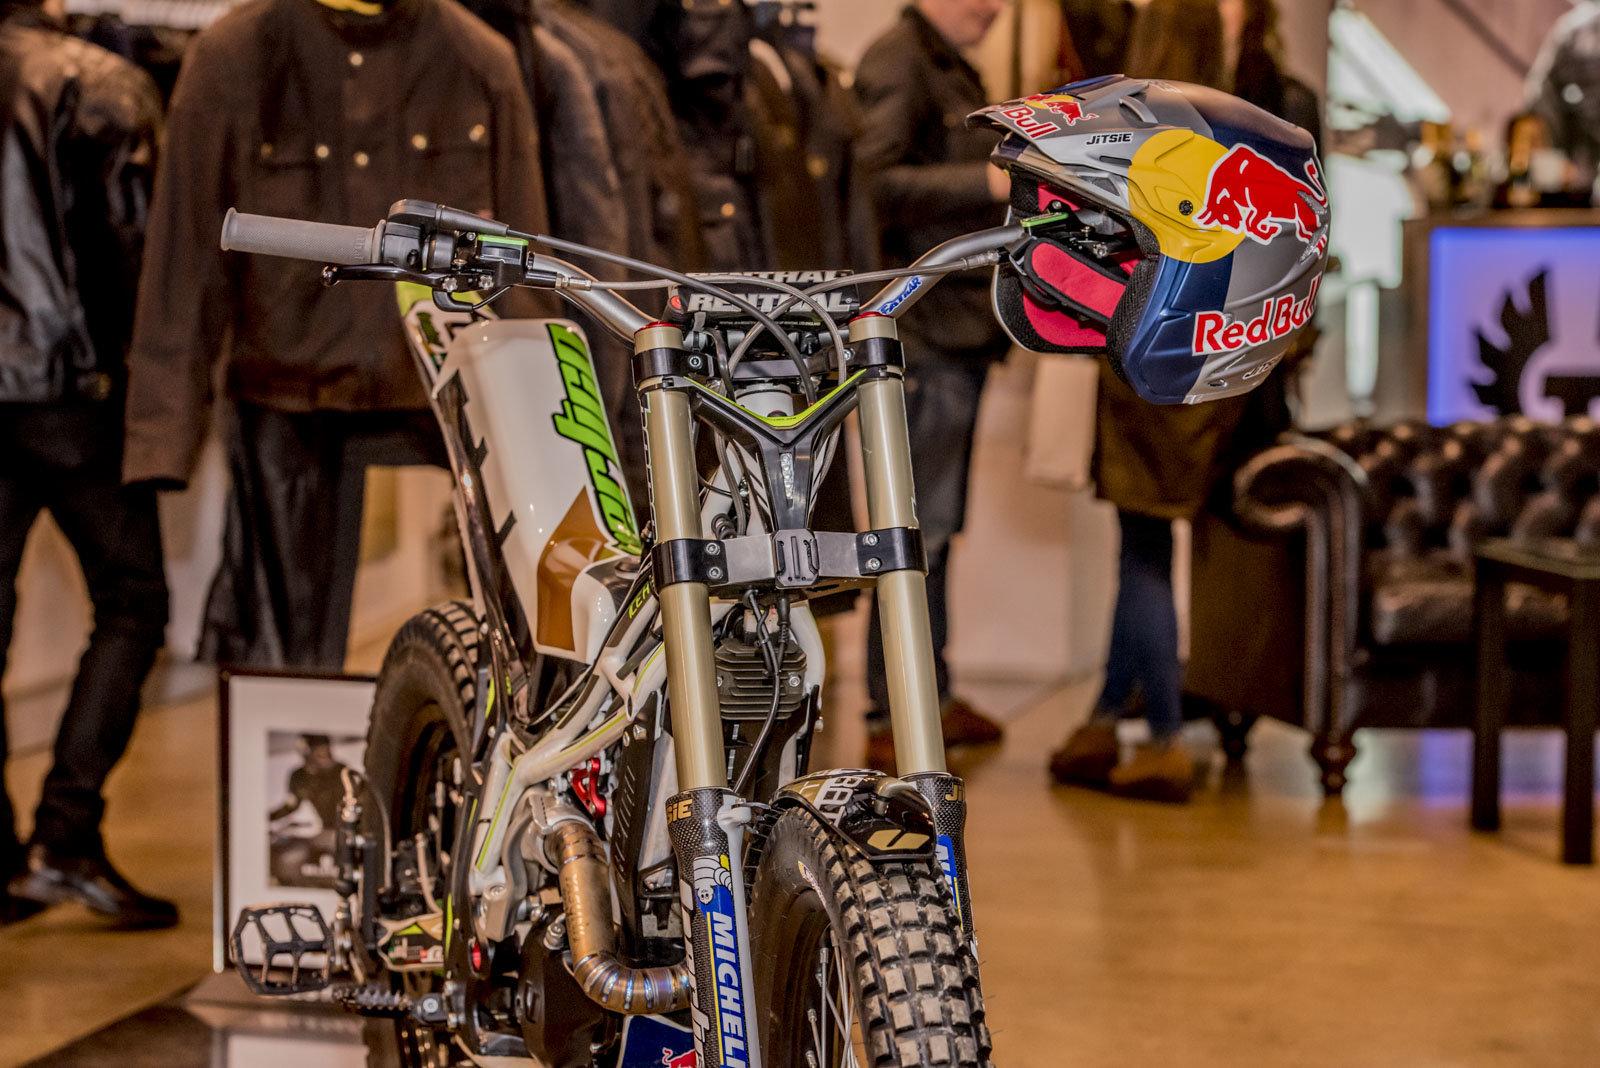 Lampkins Bike